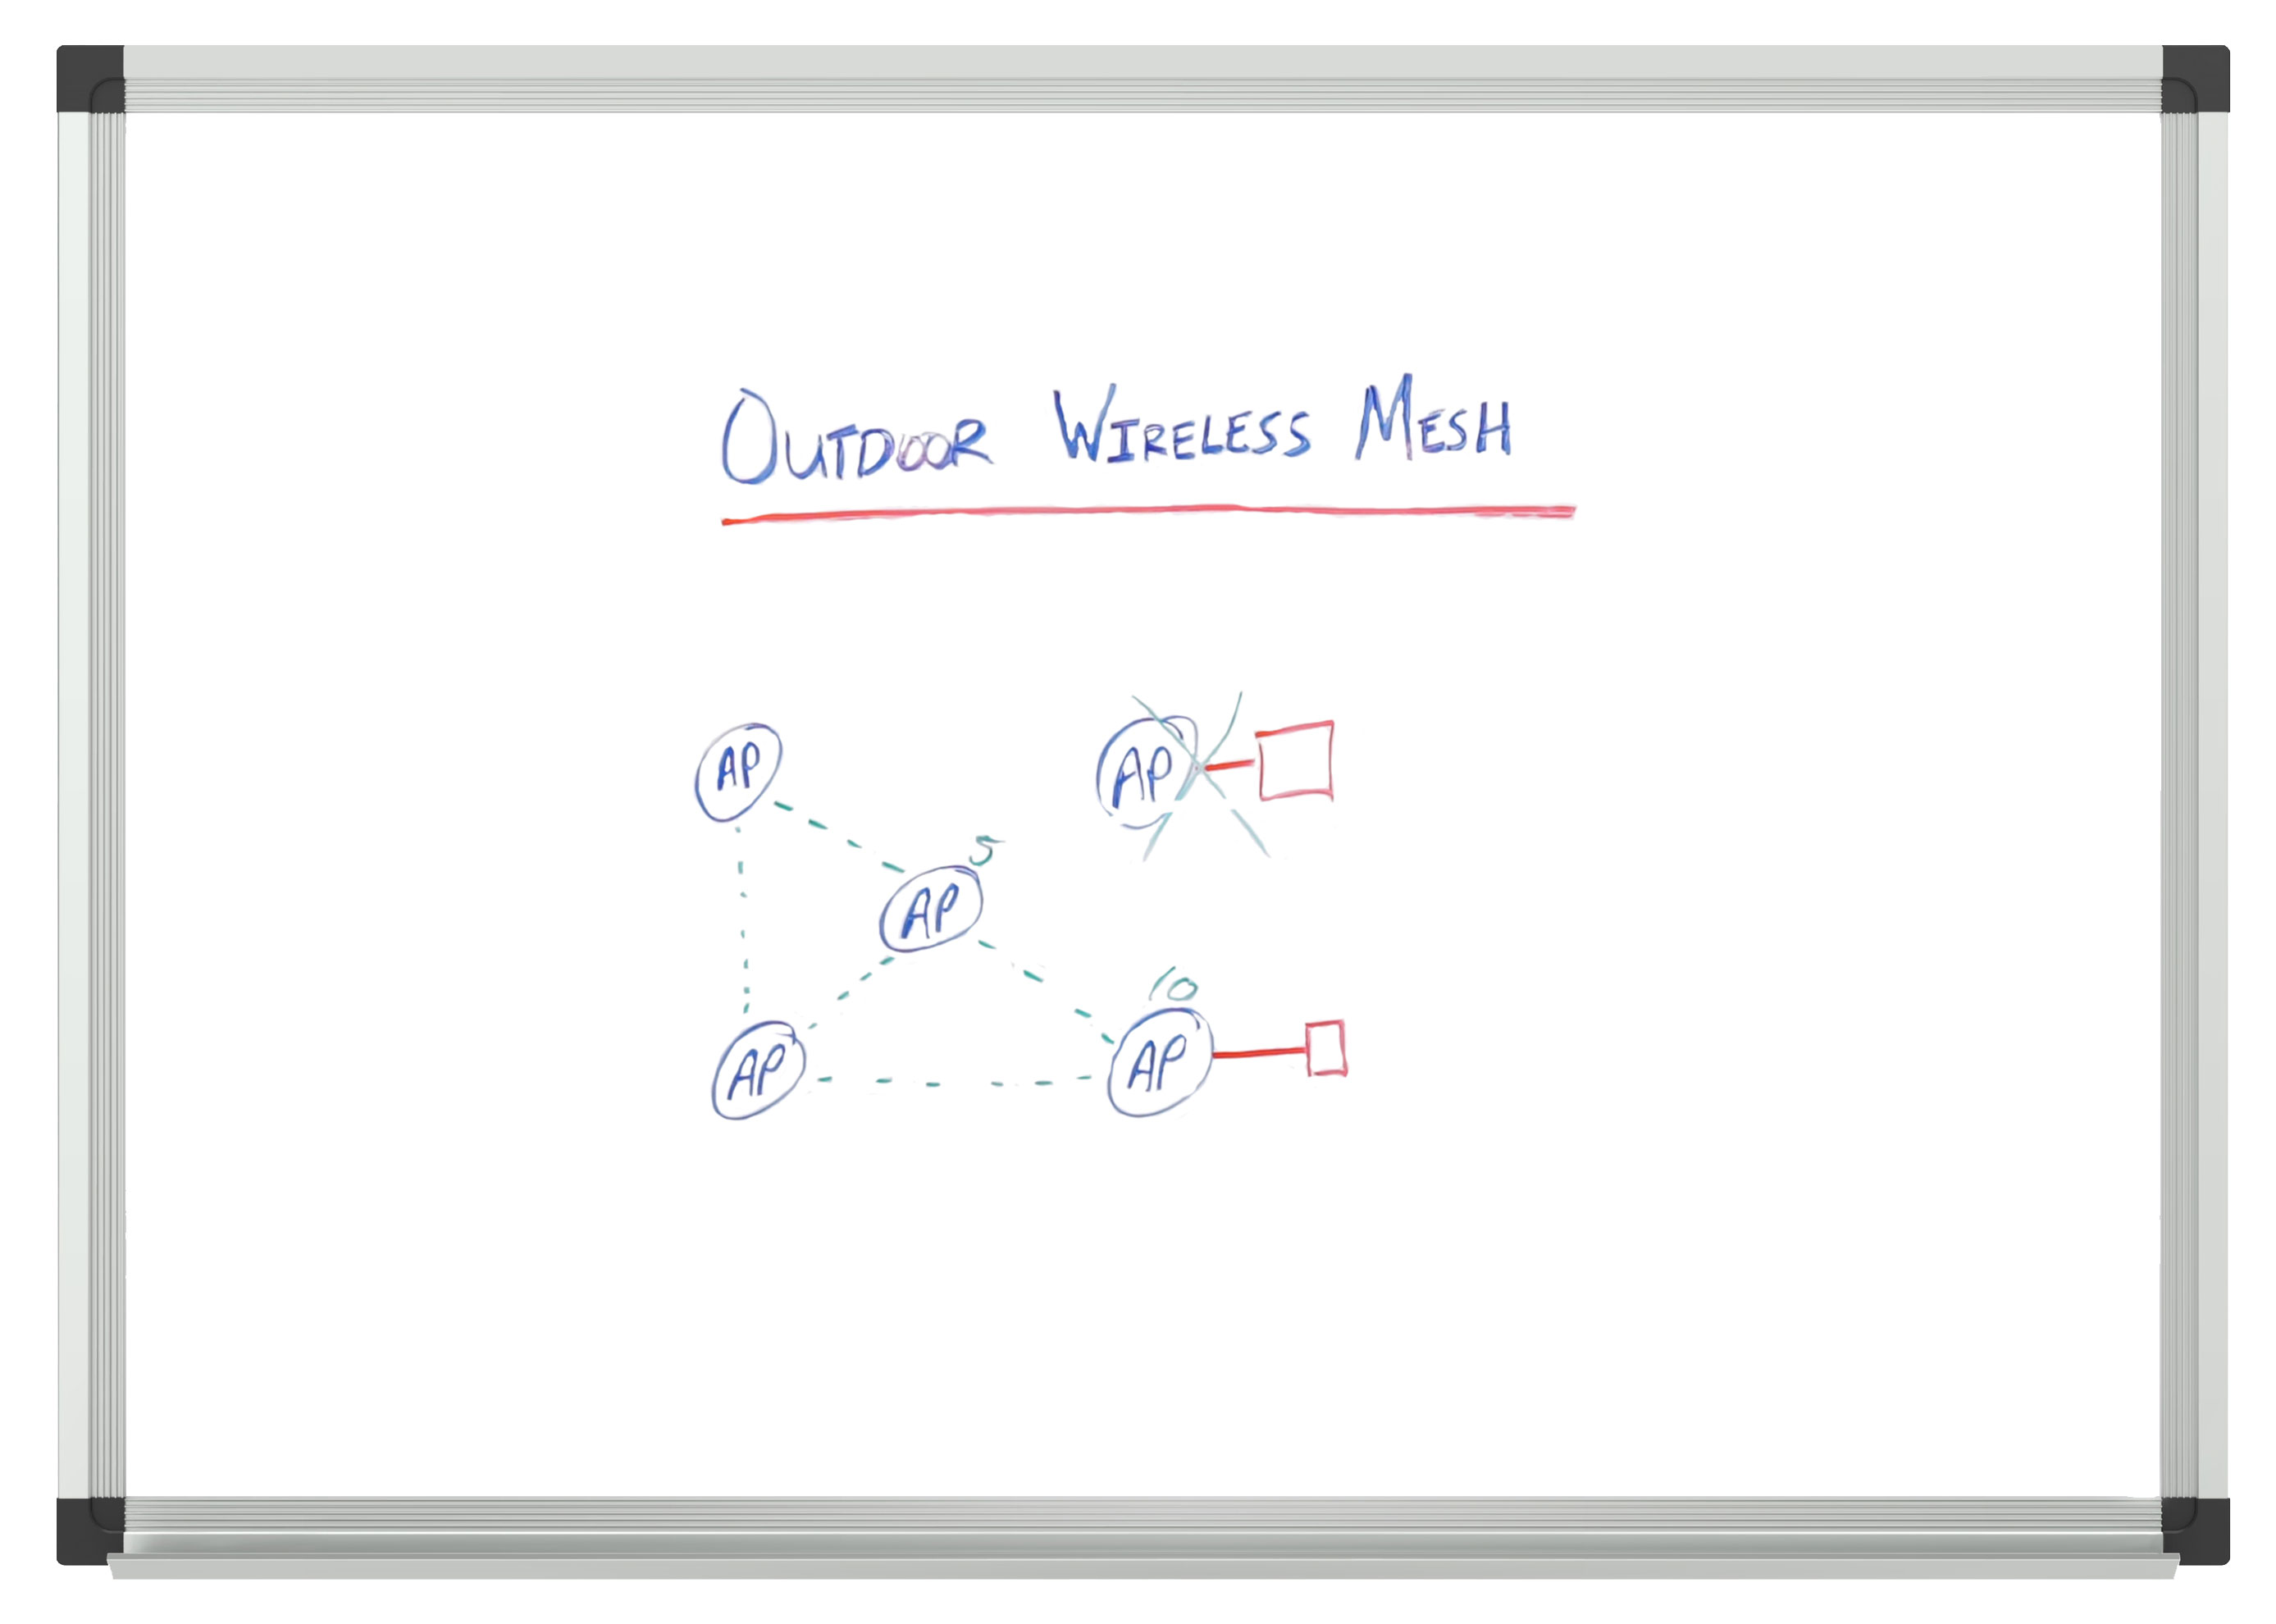 outdoor-wireless-mesh-networks-whiteboard.jpg